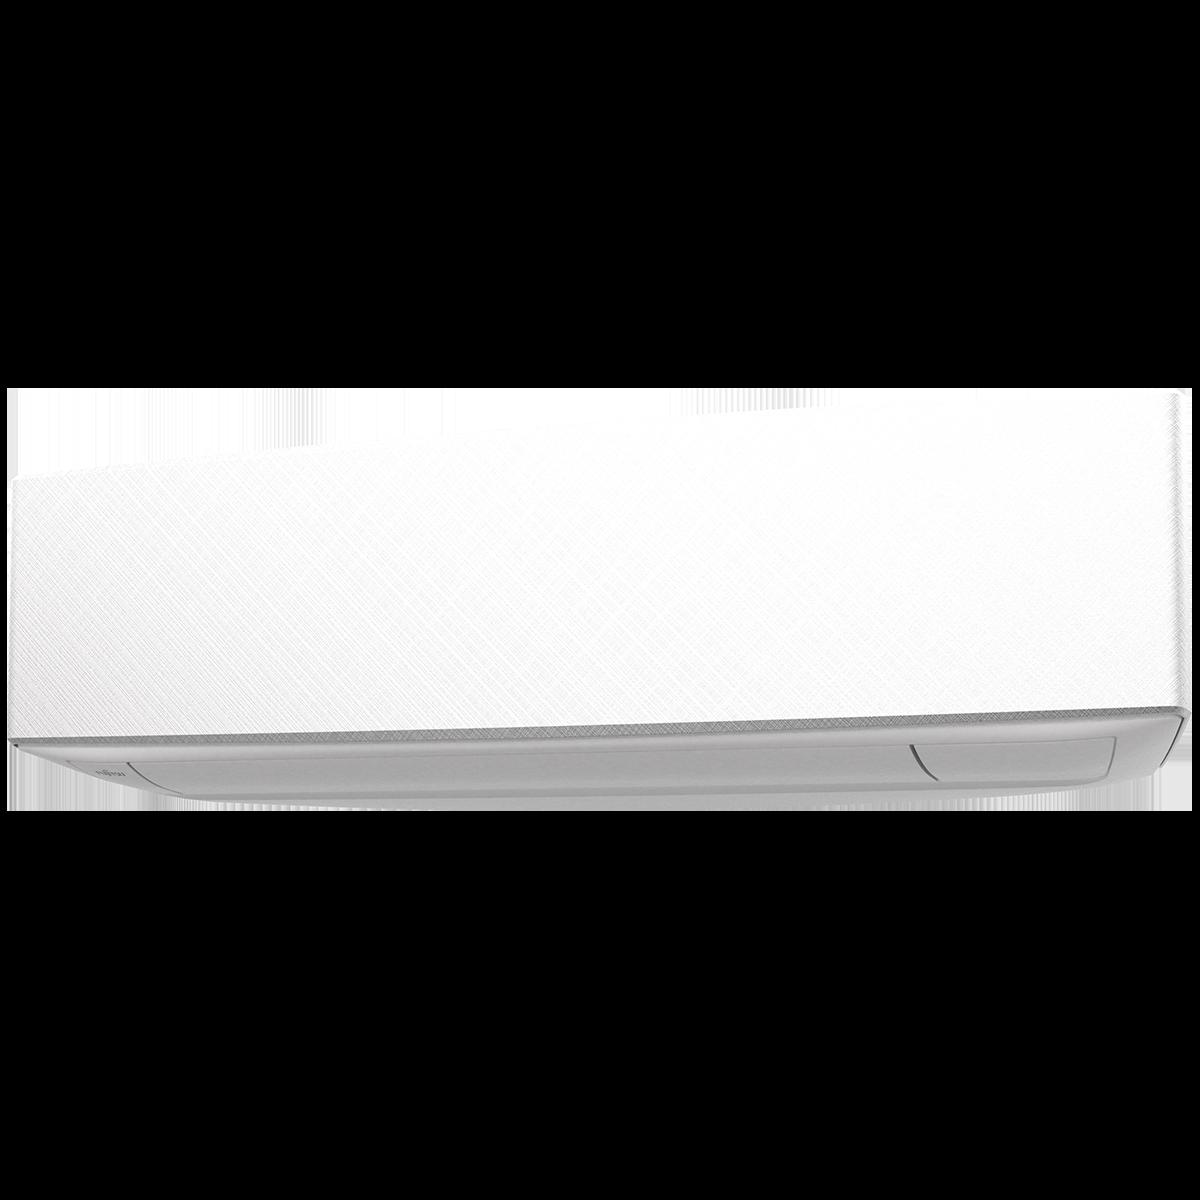 Fujitsu Κλιματιστικό KETA 09kBtu/h